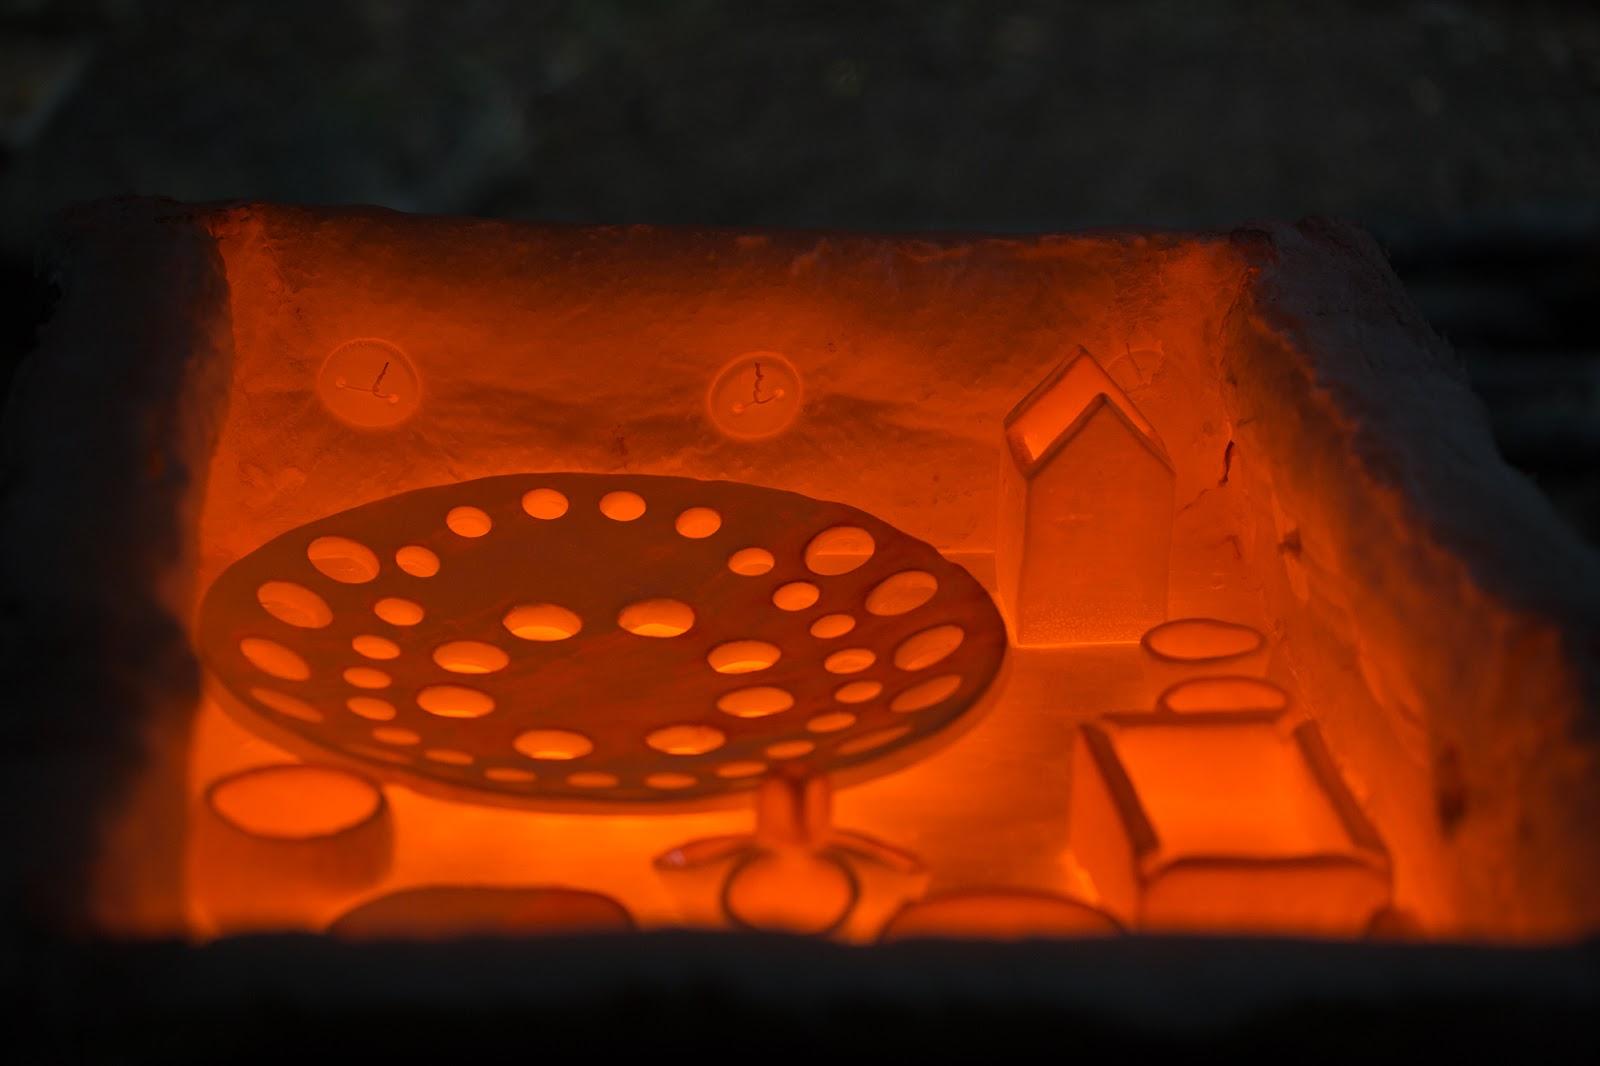 plener ceramiczny ponurzyca 1413